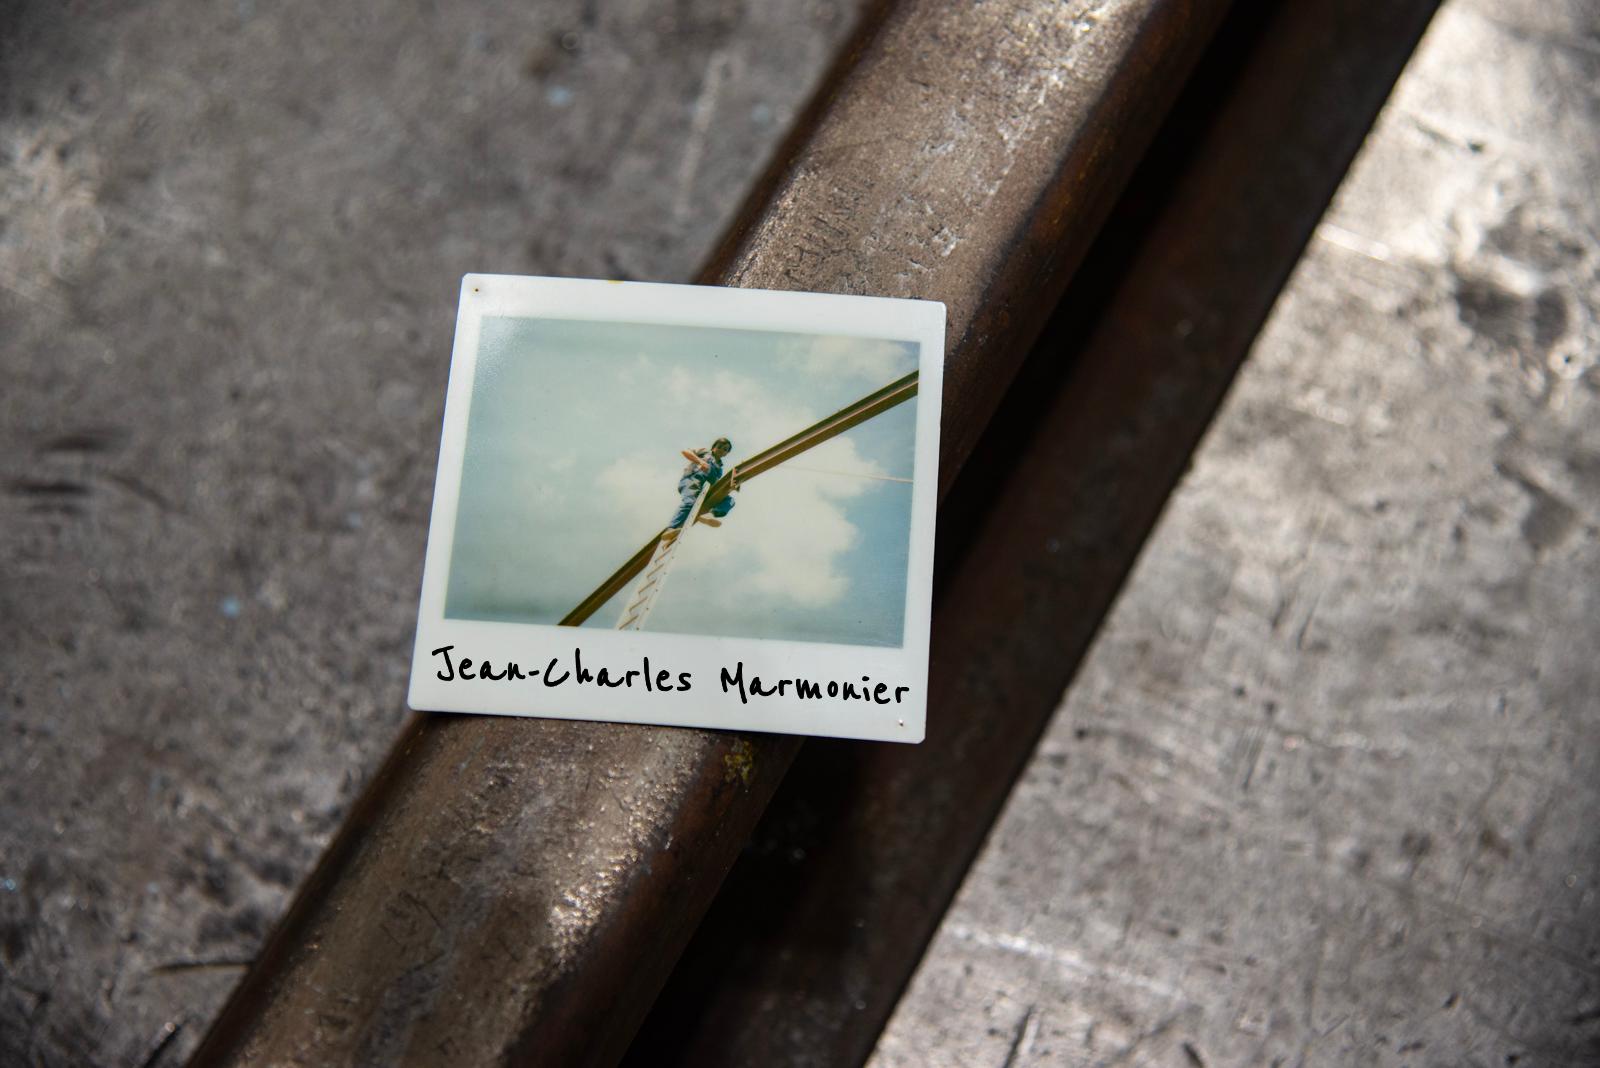 Photo d'une photo polaroïd de Jean-Charles Marmonier tout en haut d'une échelle pour souder une structure en acier